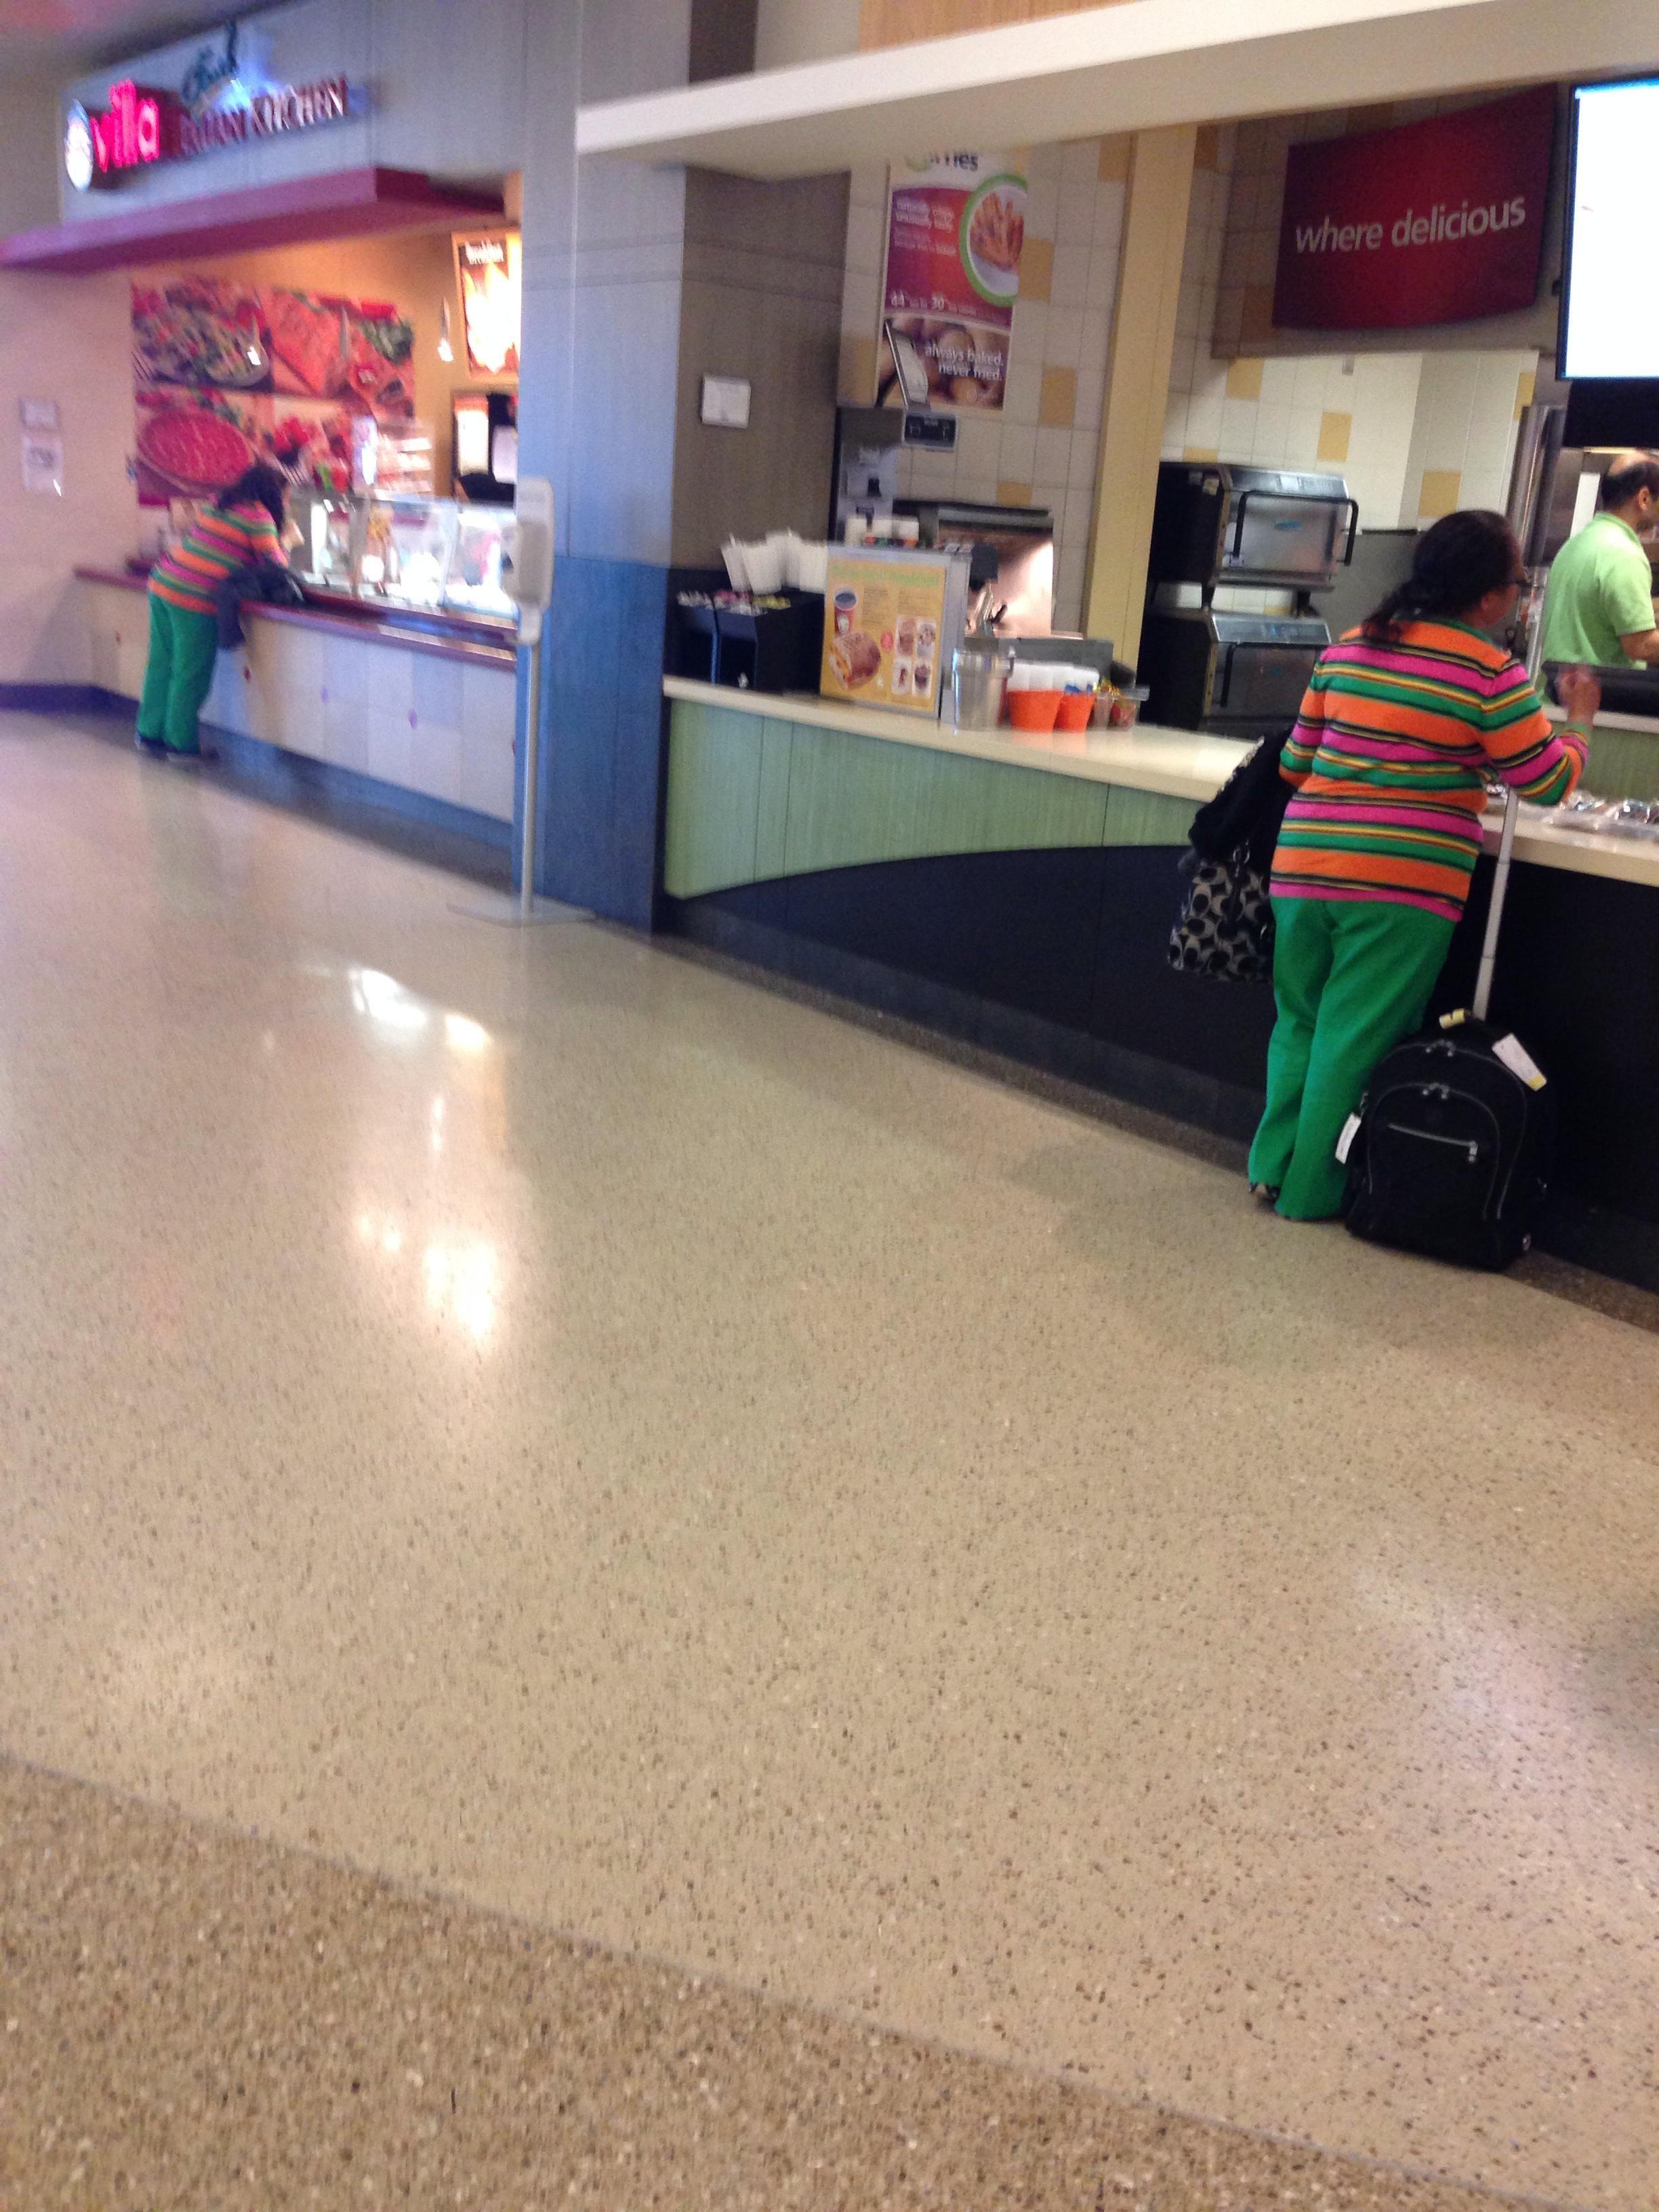 2 desconocidas con el mismo suéter de rayas